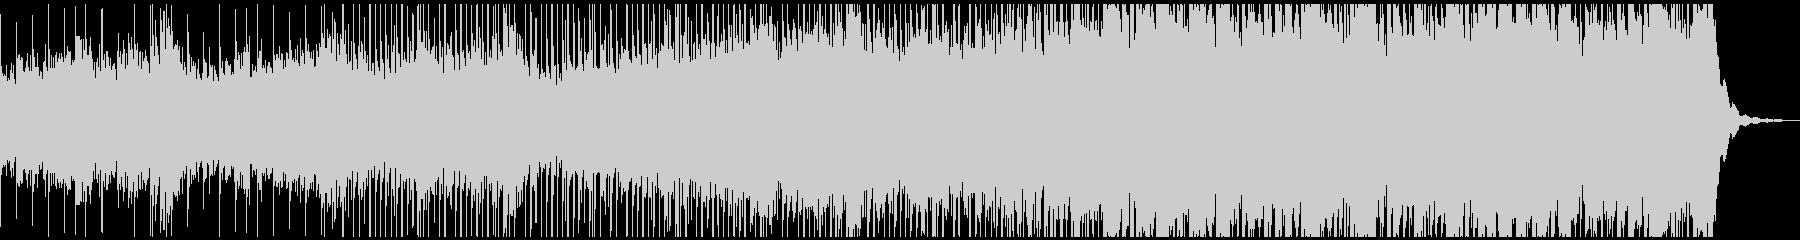 ループ可、シリアス、低音ビートとシンセの未再生の波形